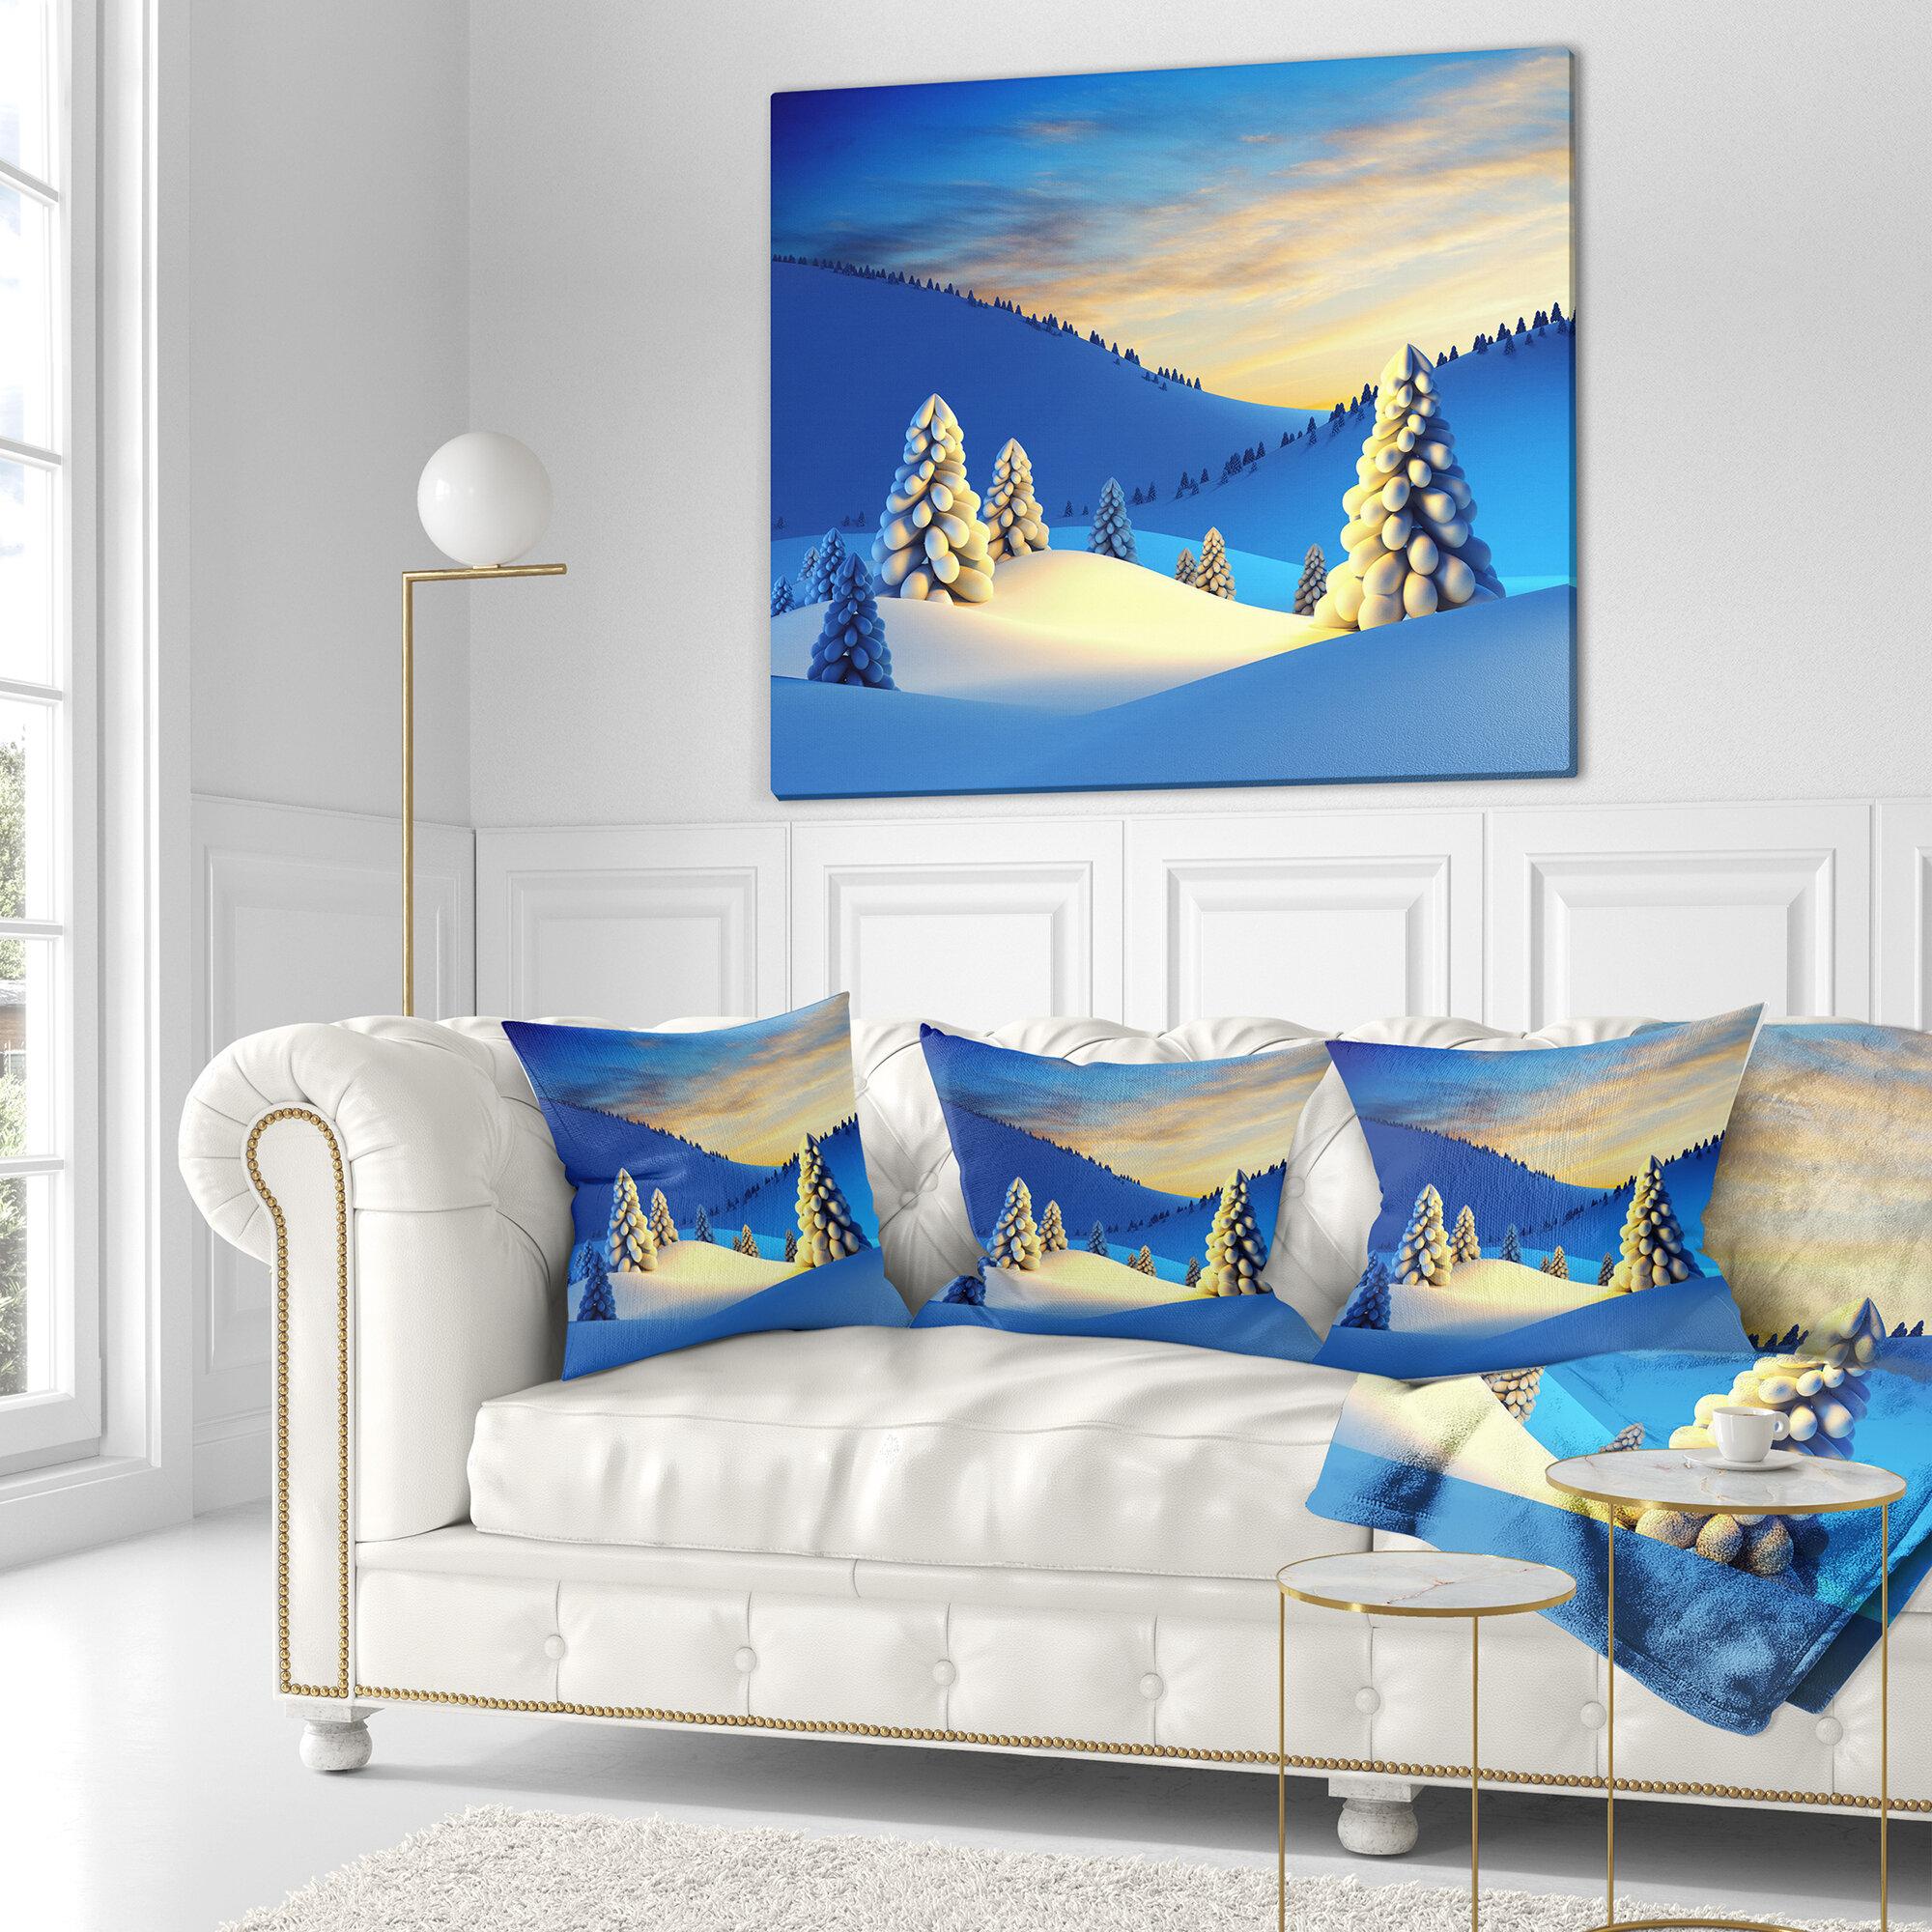 East Urban Home Designart Winter Mountains With Fir Trees Landscape Photography Throw Pillow Wayfair